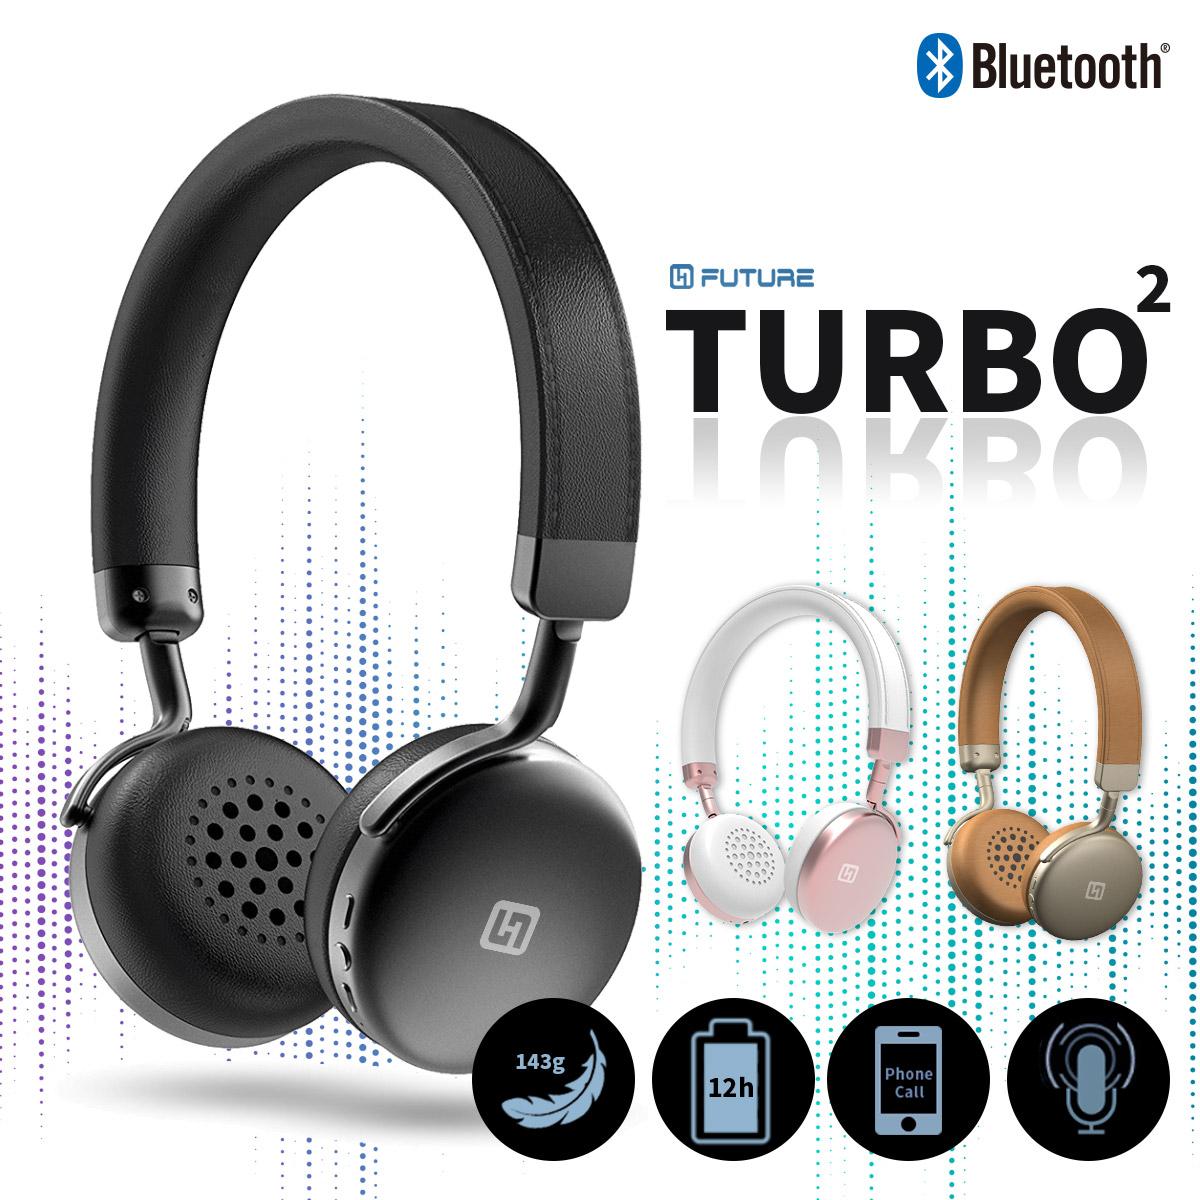 オンイヤーワイヤレスヘッドホン「Future TURBO2」 12時間連続再生 有線接続にも対応 WEB会議 リモートワーク